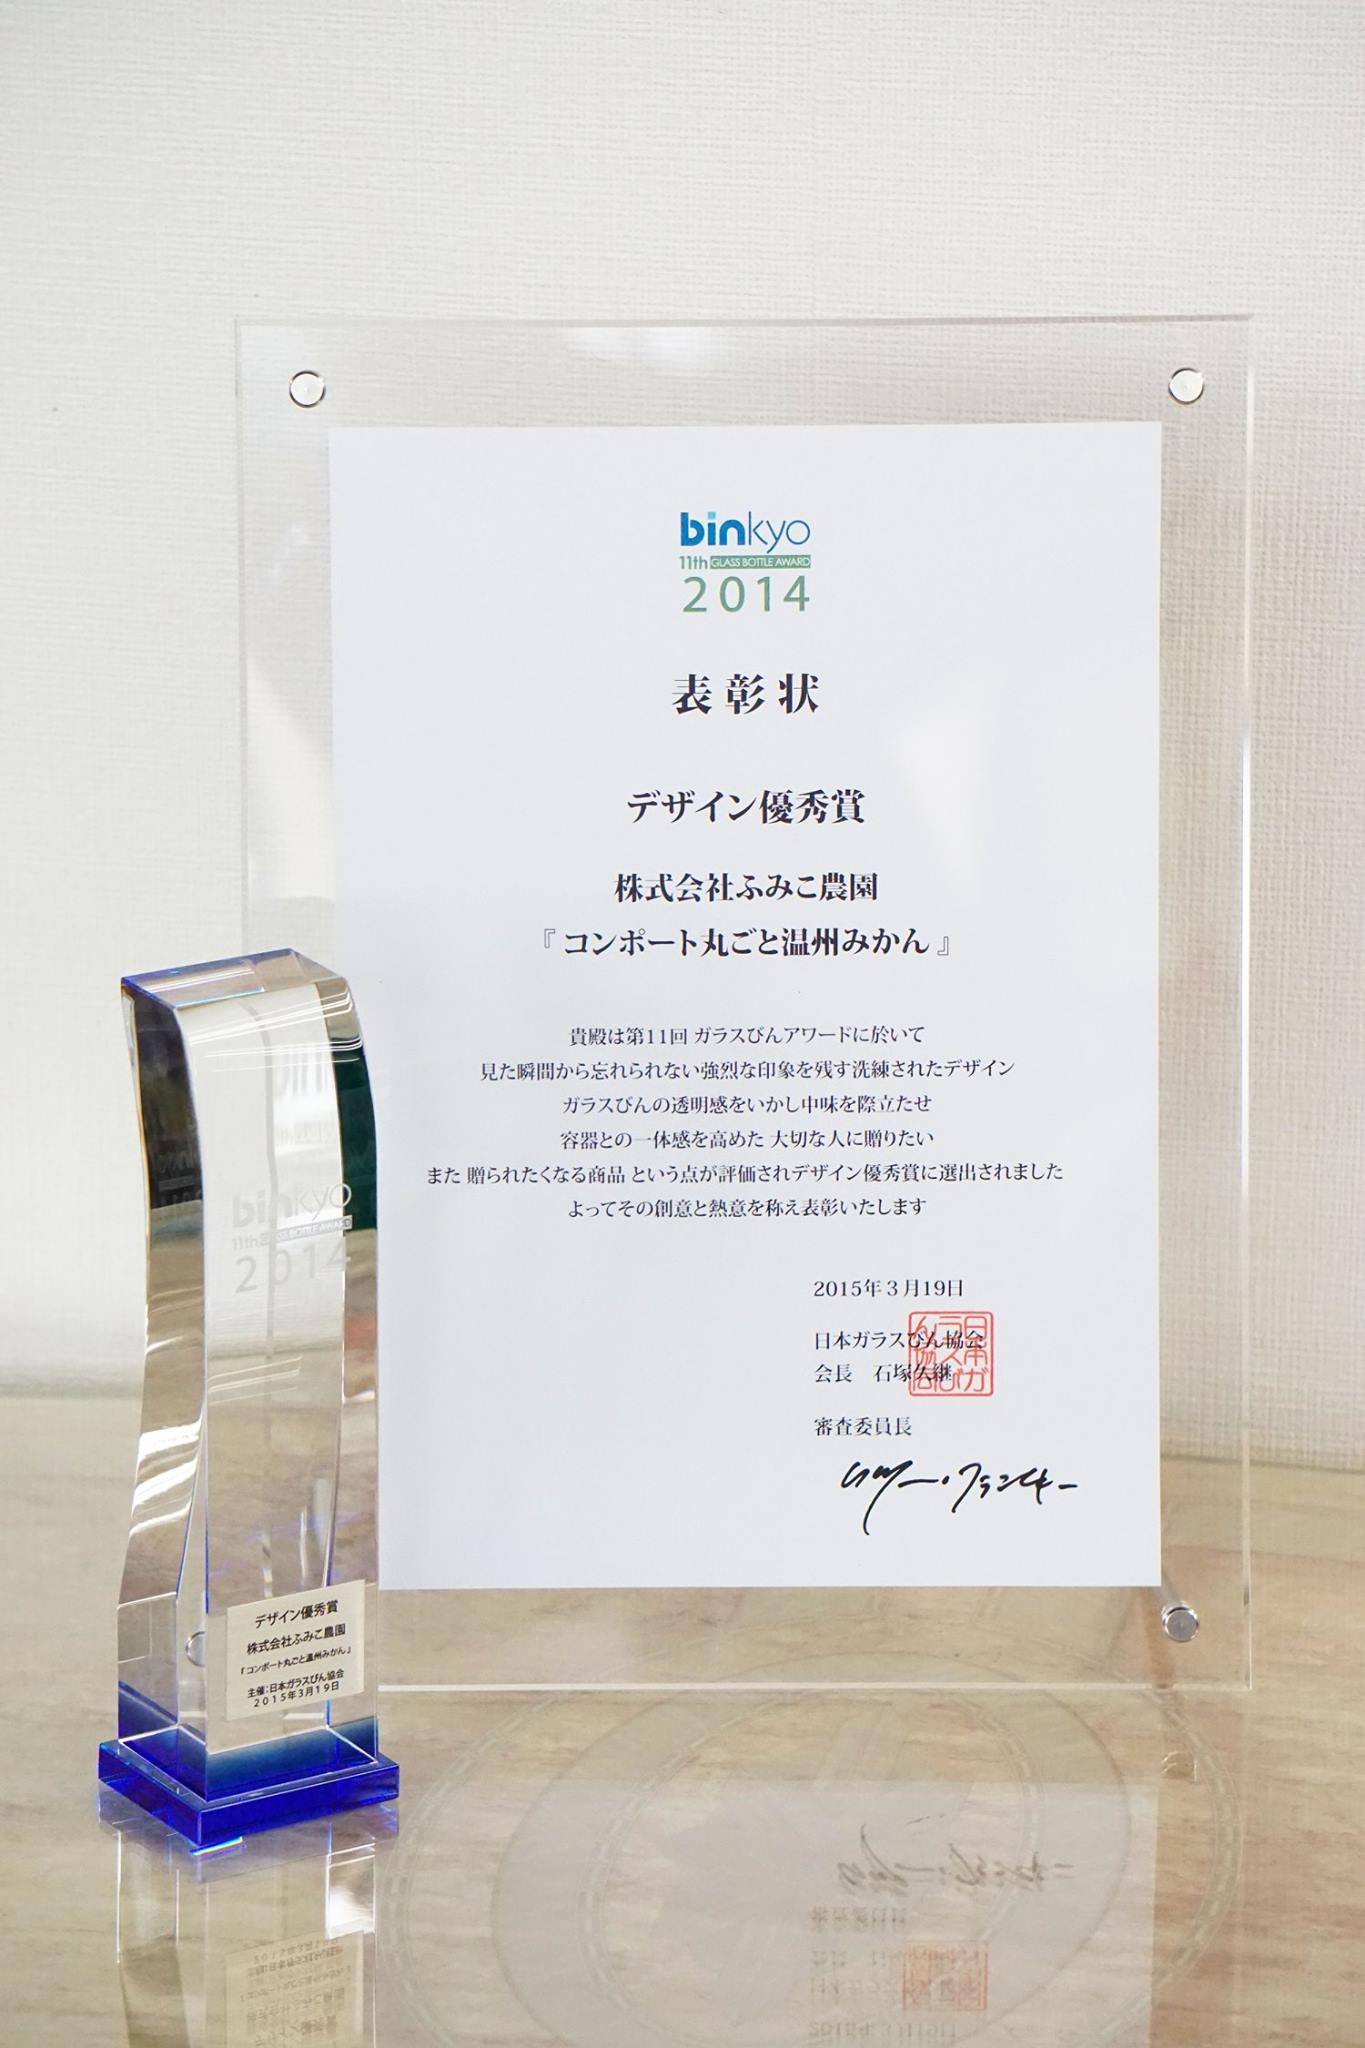 第11回ガラスびんアワード デザイン優秀賞